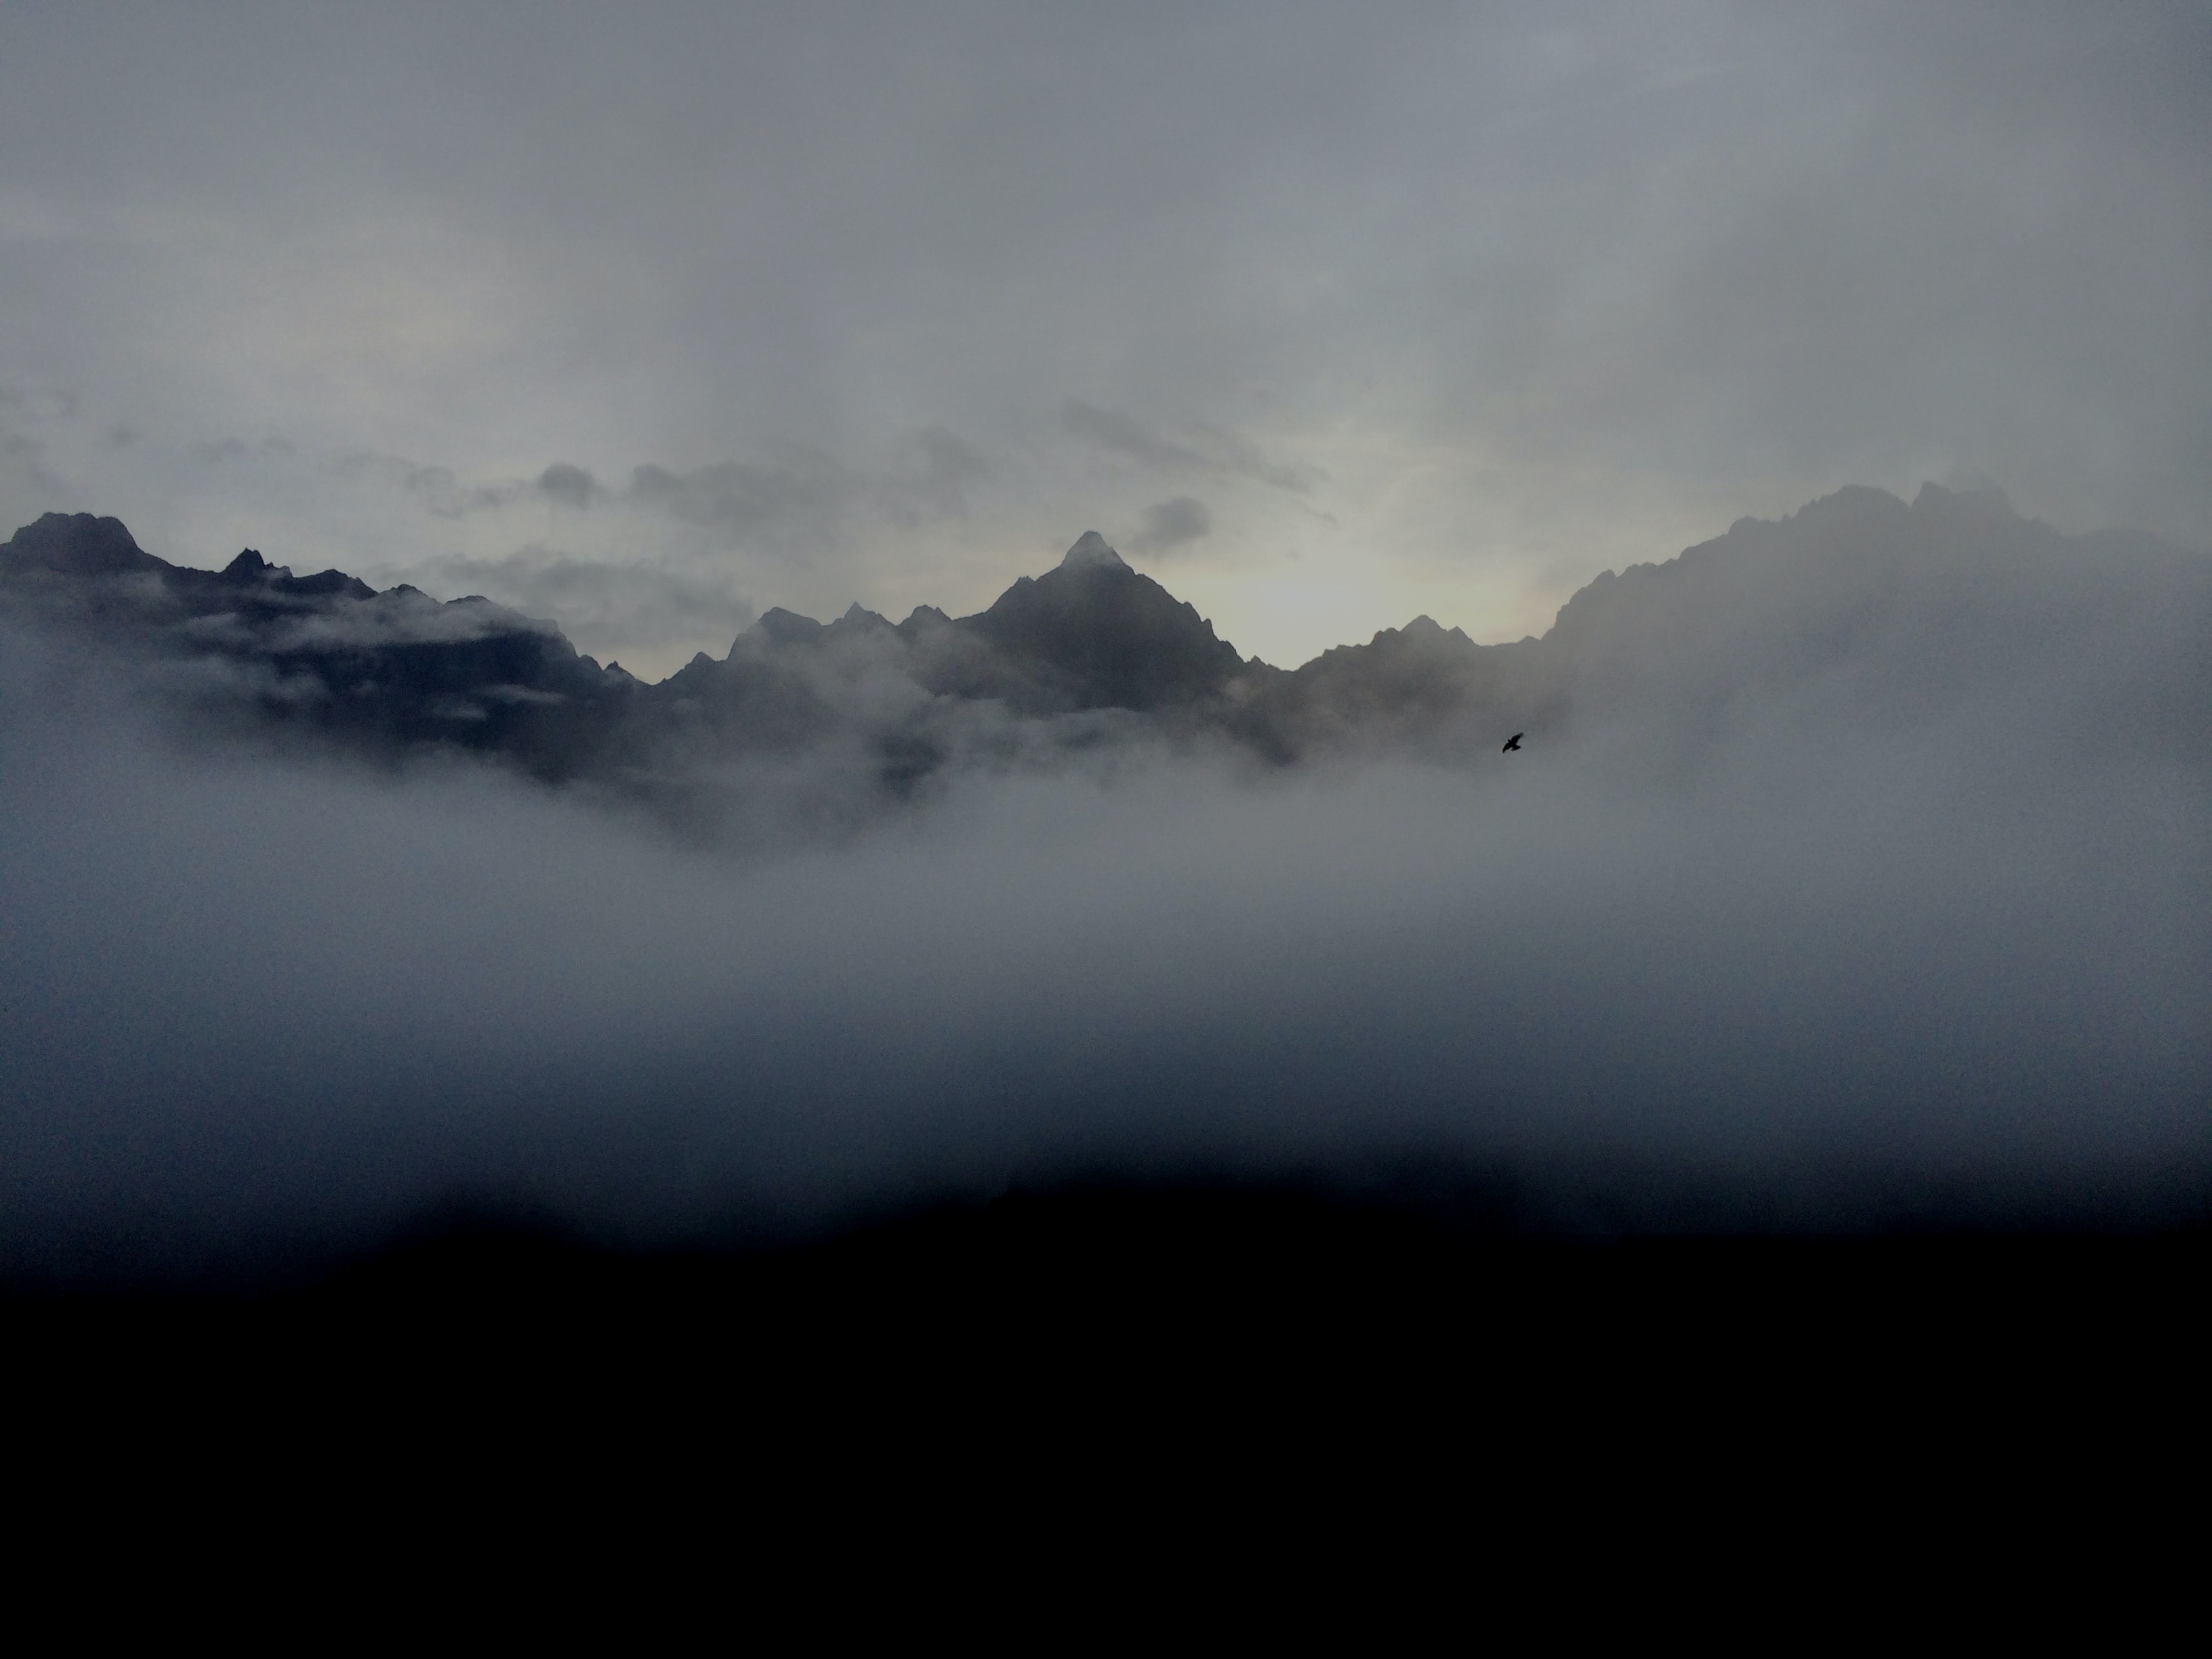 dark nimbus clouds